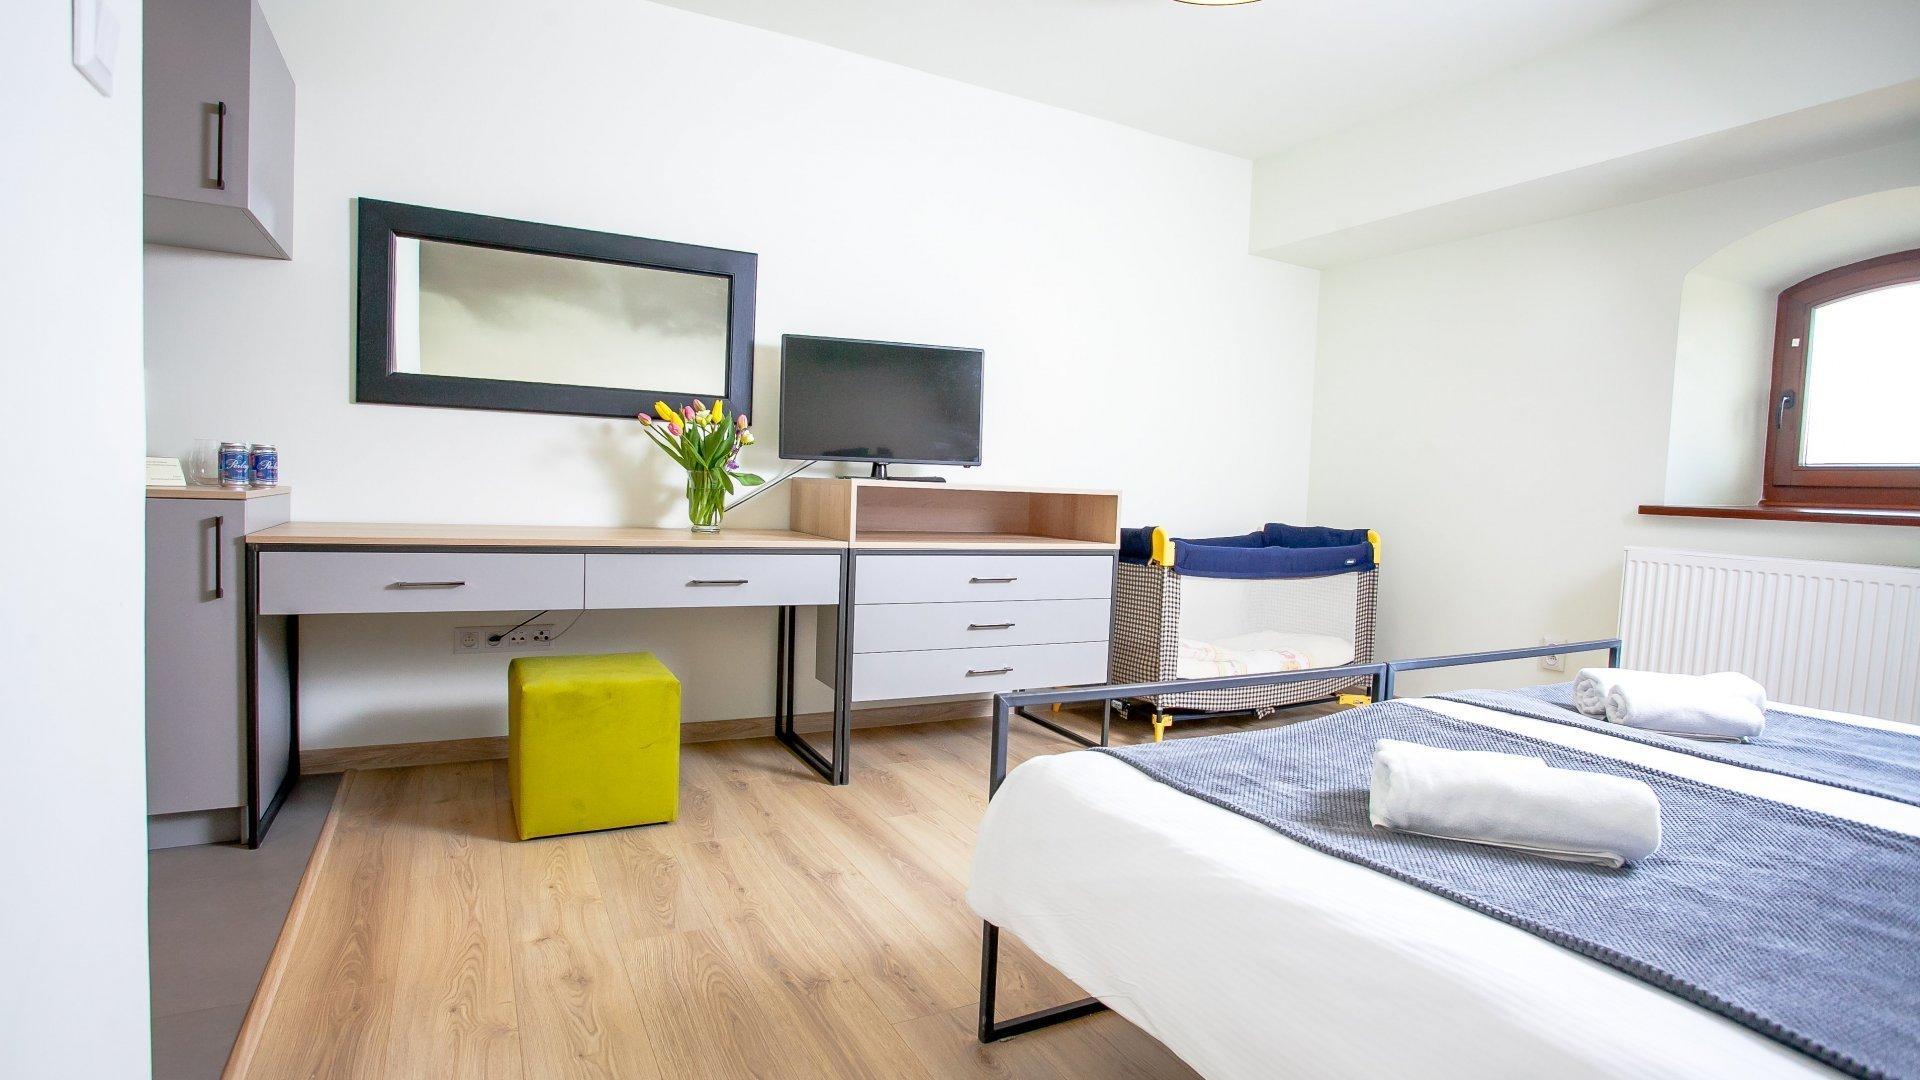 Pokój rodzinny(2 osoby dorosłe + 1 dziecko)